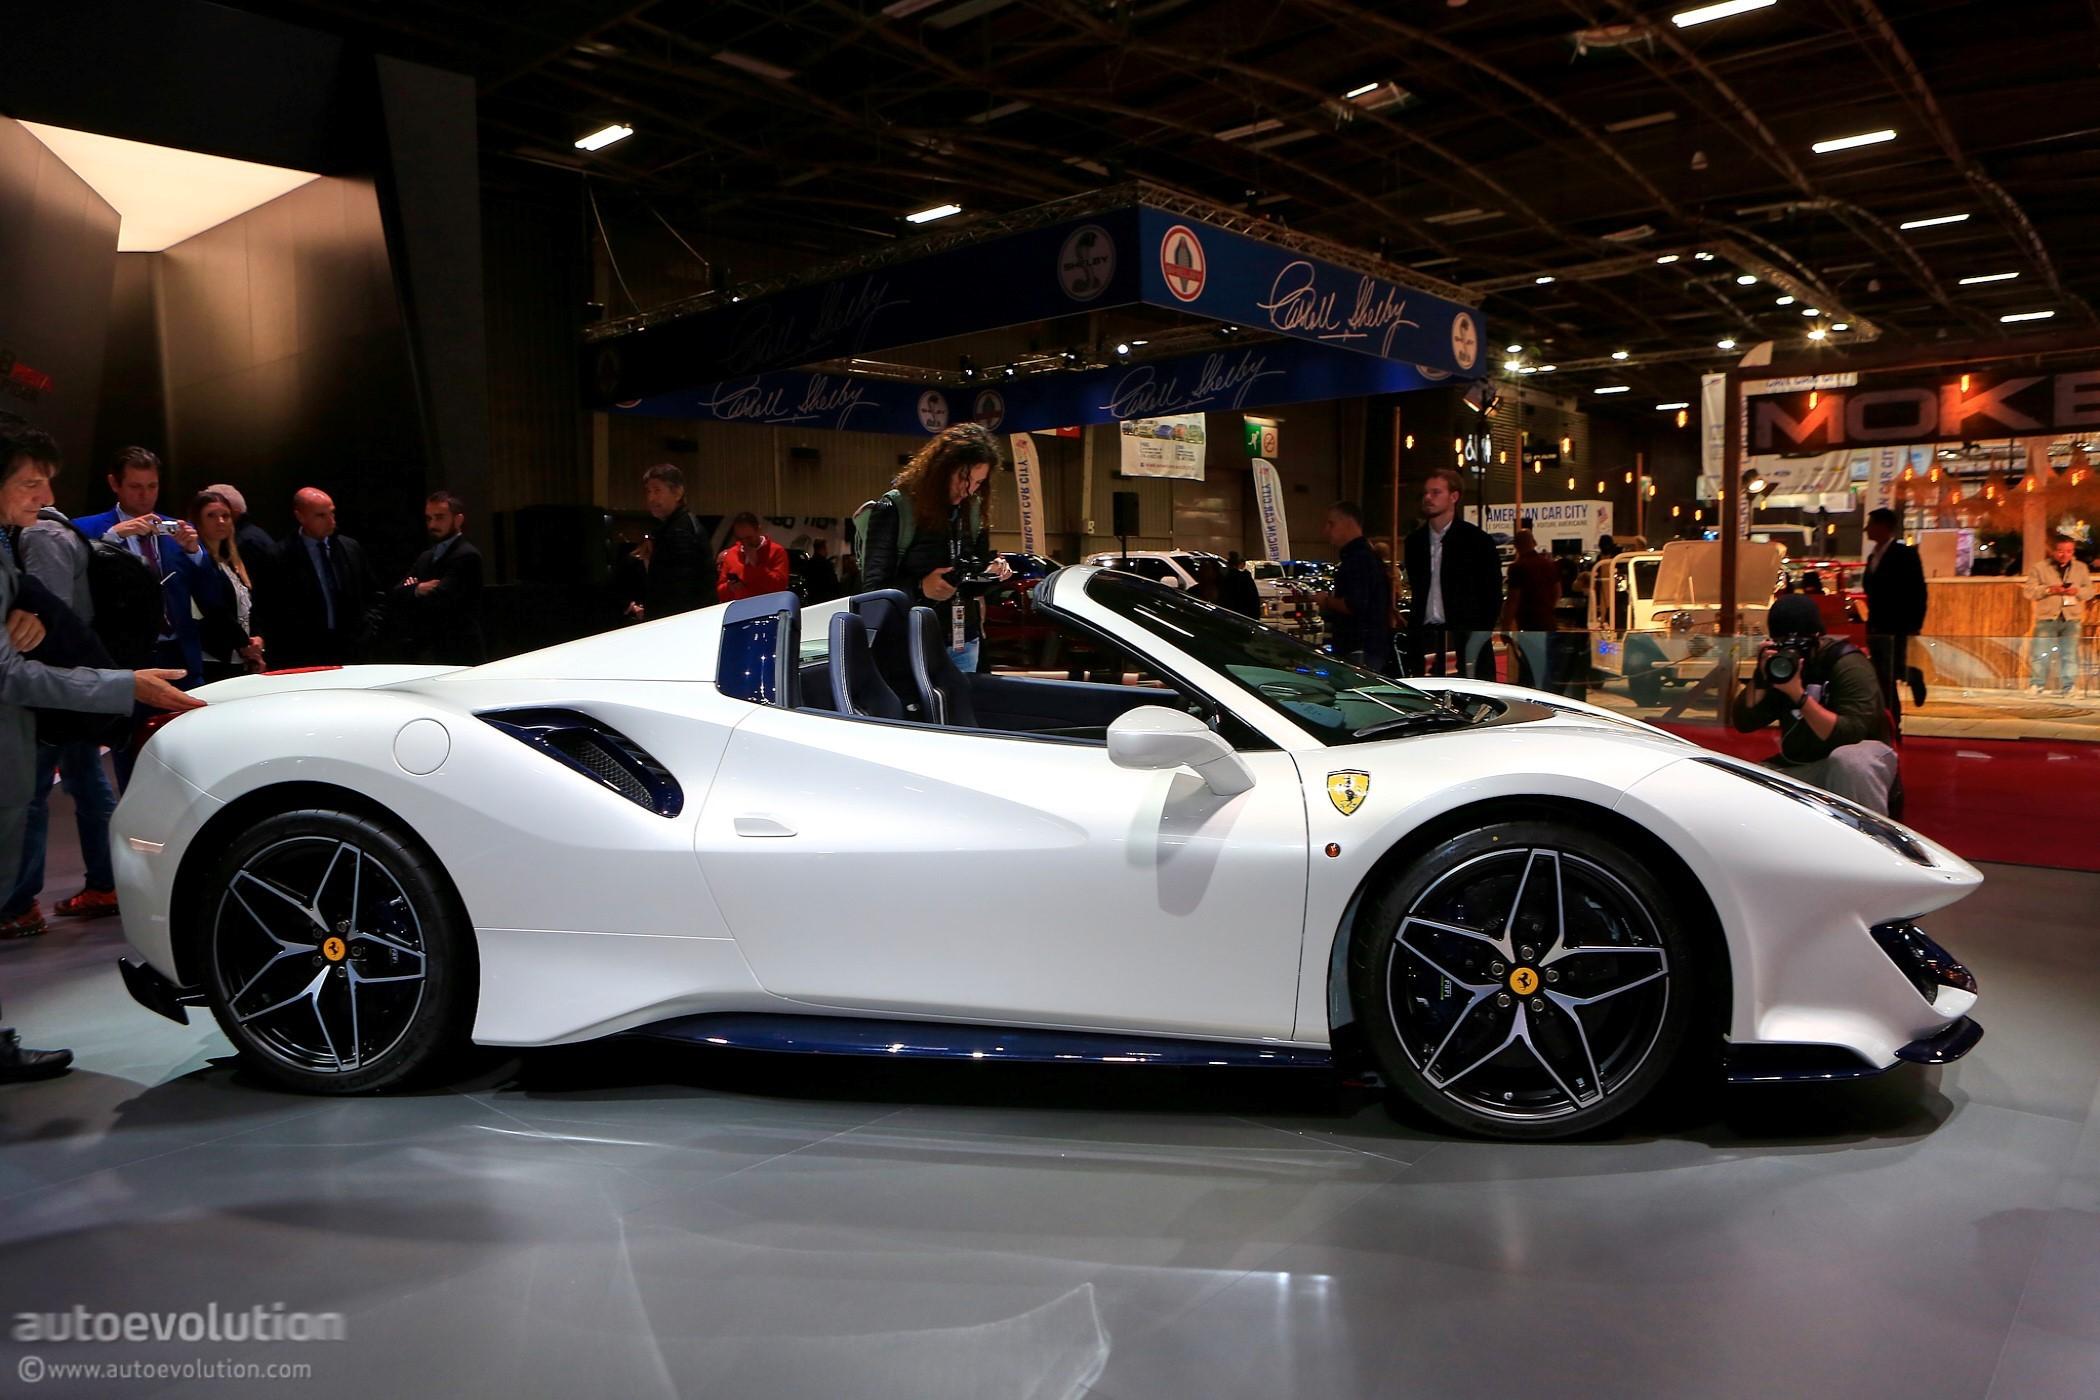 Concours D Elegance >> Ferrari 488 Pista Spider Makes European Debut in Paris - autoevolution